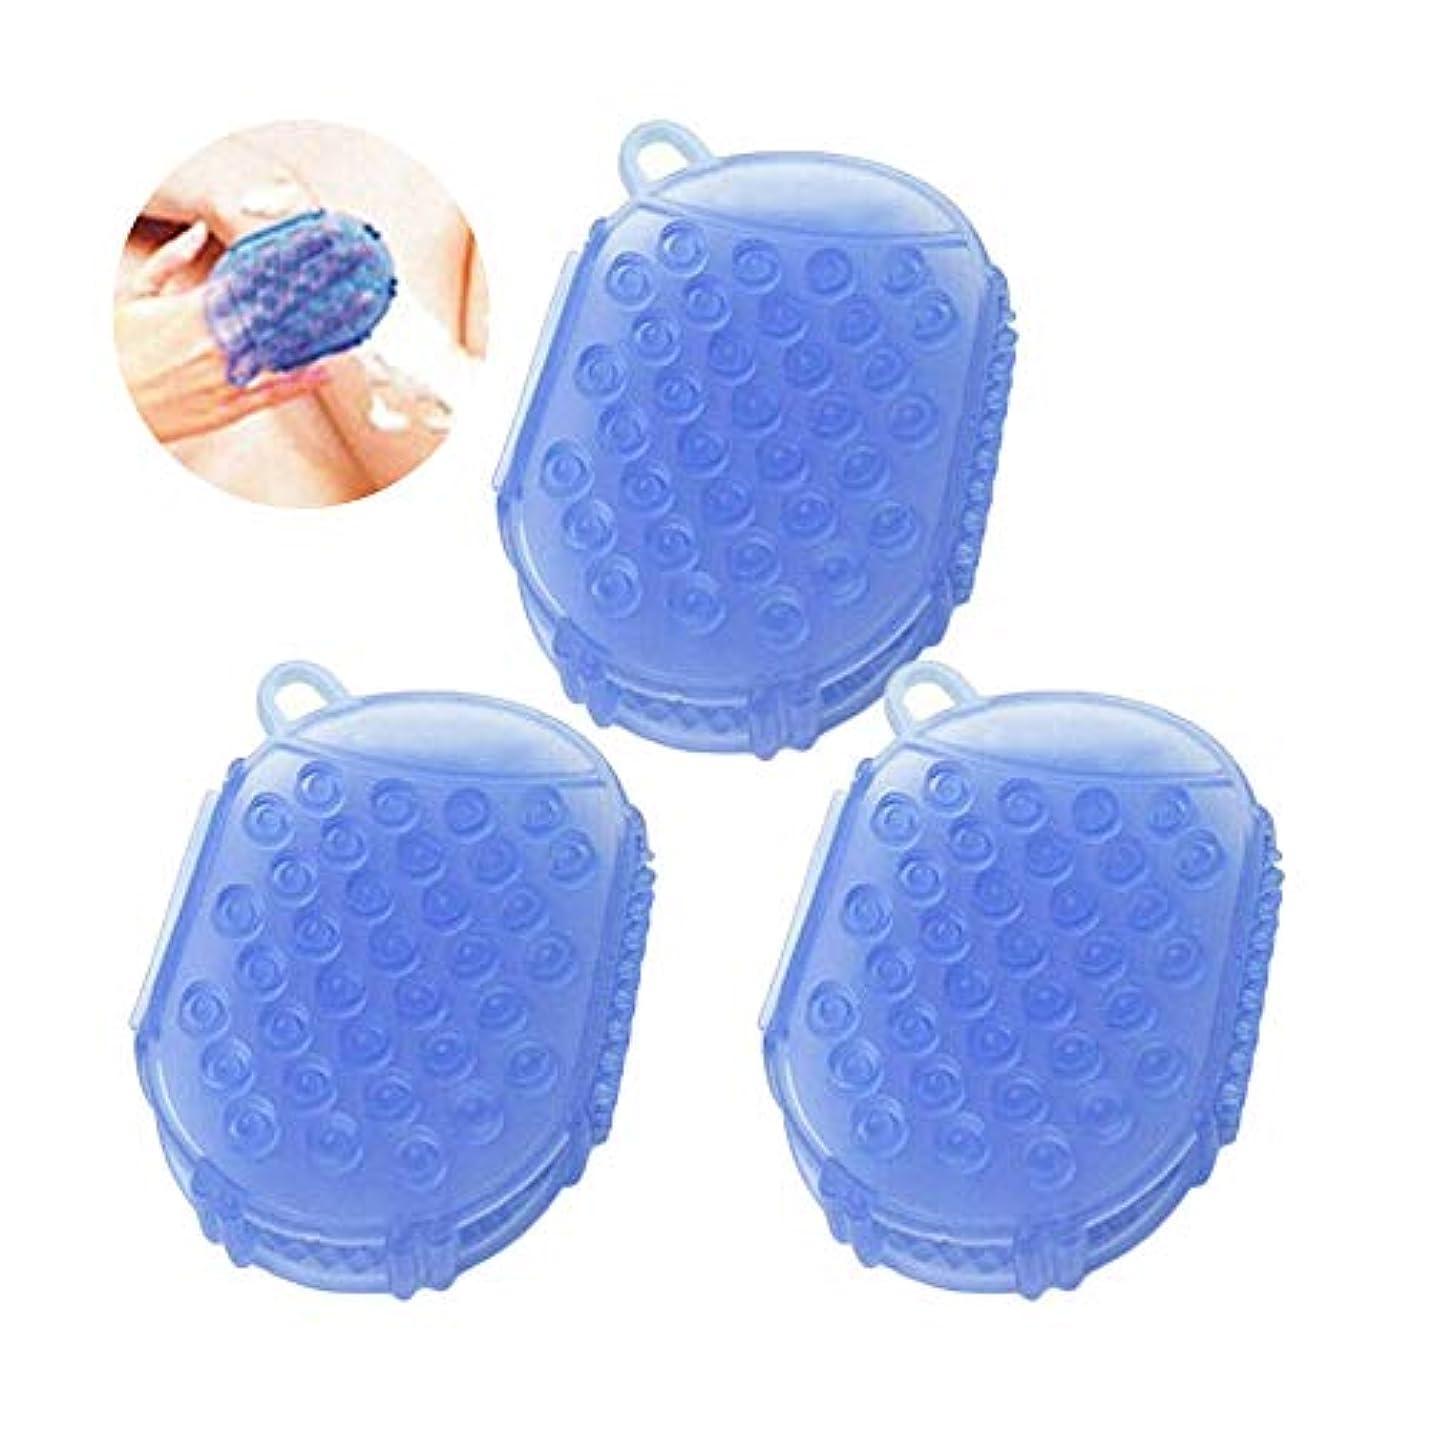 ペイント眠るバーストRAYNAG 3個 ボディブラシ マッサージブラシ お風呂ブラシ 体洗い 角質除去 血行促進 新陳代謝を促進 美肌効果 毛穴 汚れ 除去 マッサージ ブラシ シャワー お風呂 両面用 10.5x7.5x2cm ランダムカラー